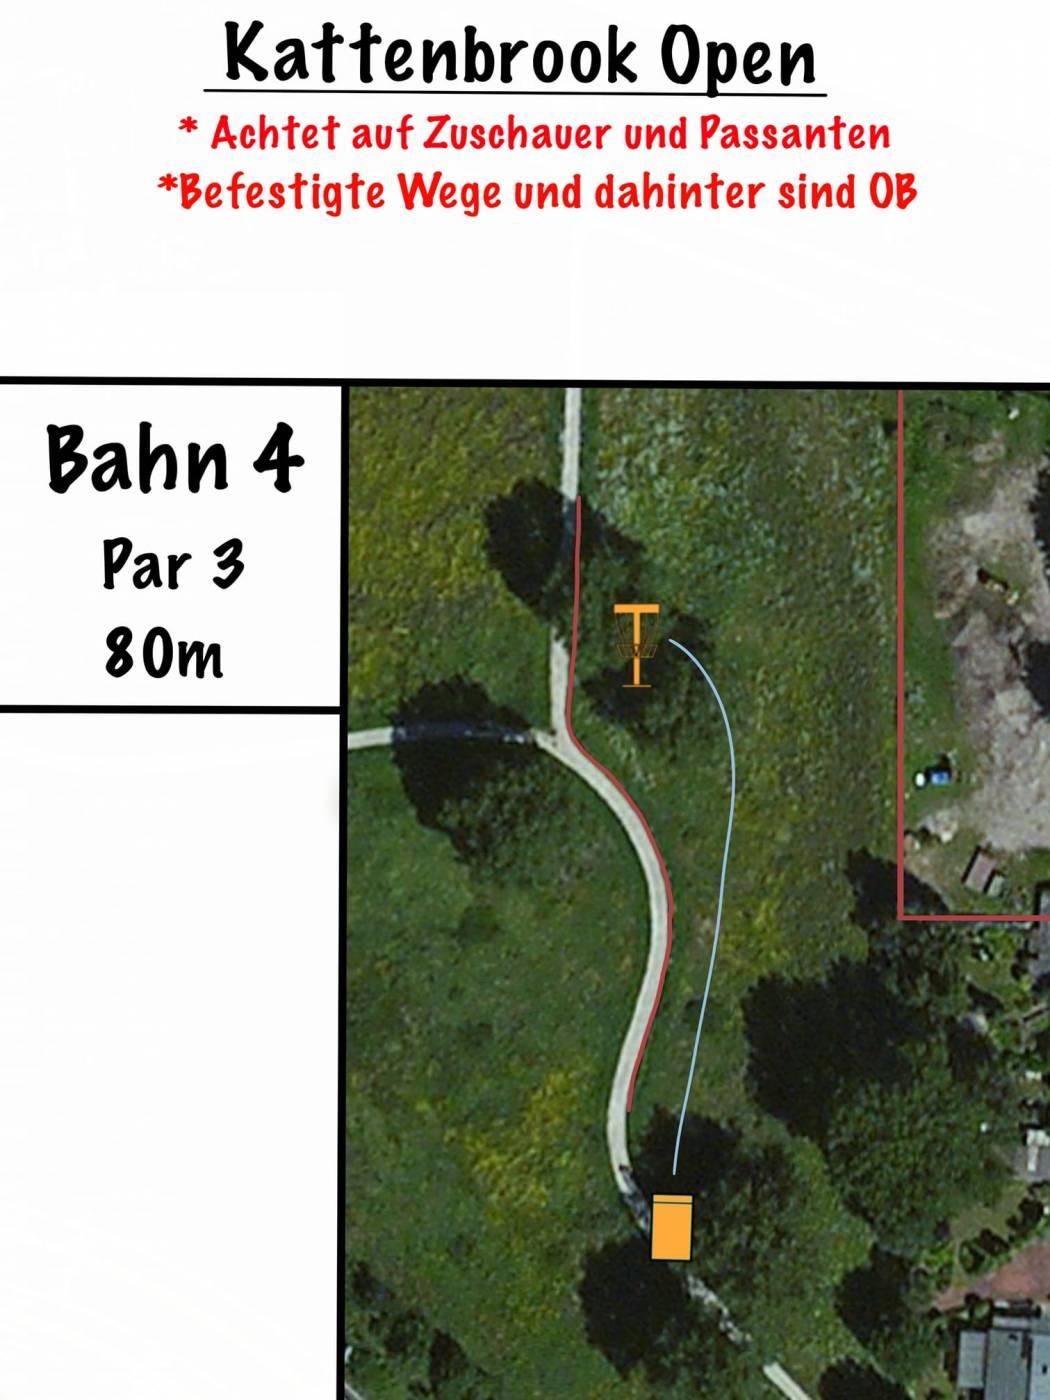 Bahn4